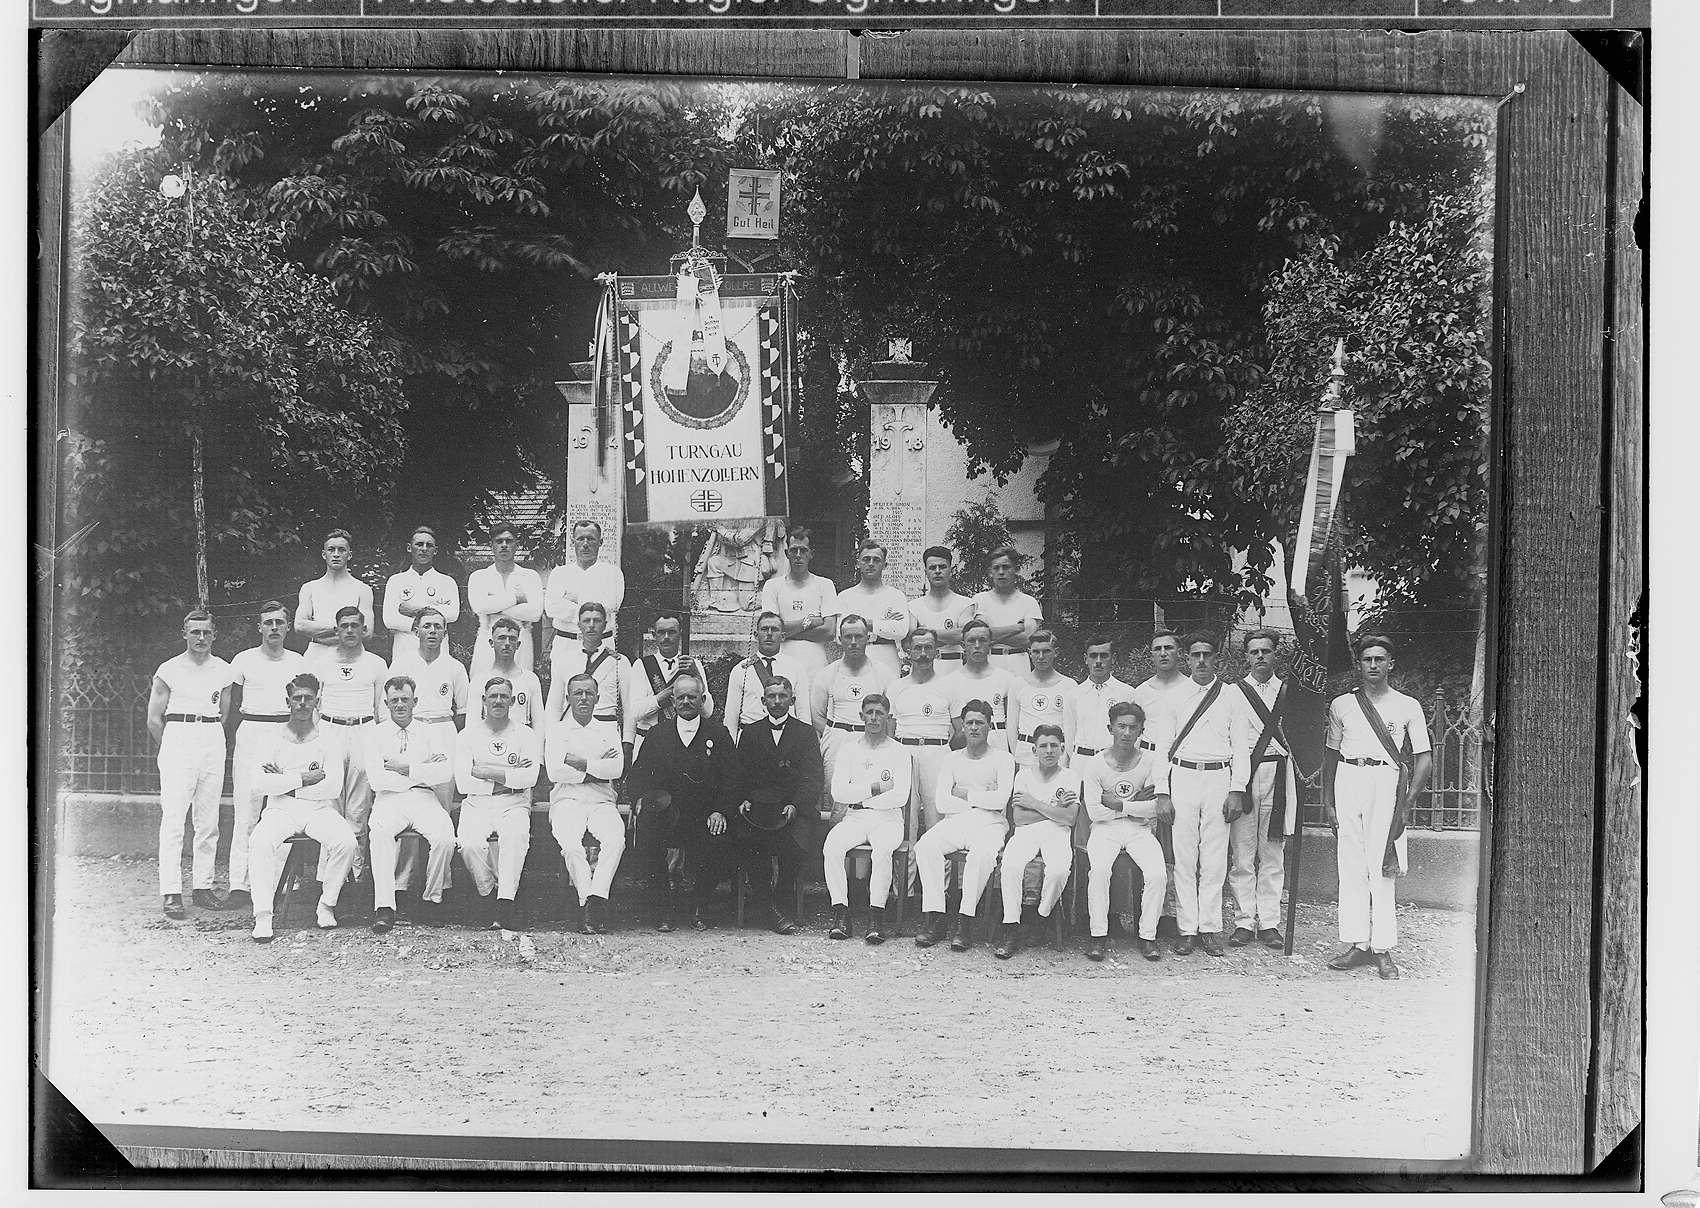 25jähriges Stiftungsjubiläum des Turn- und Sportvereins Steinhilben; Männergruppe vor dem Kriegerdenkmal; Fahne des Turngaus Hohenzollern, Bild 1